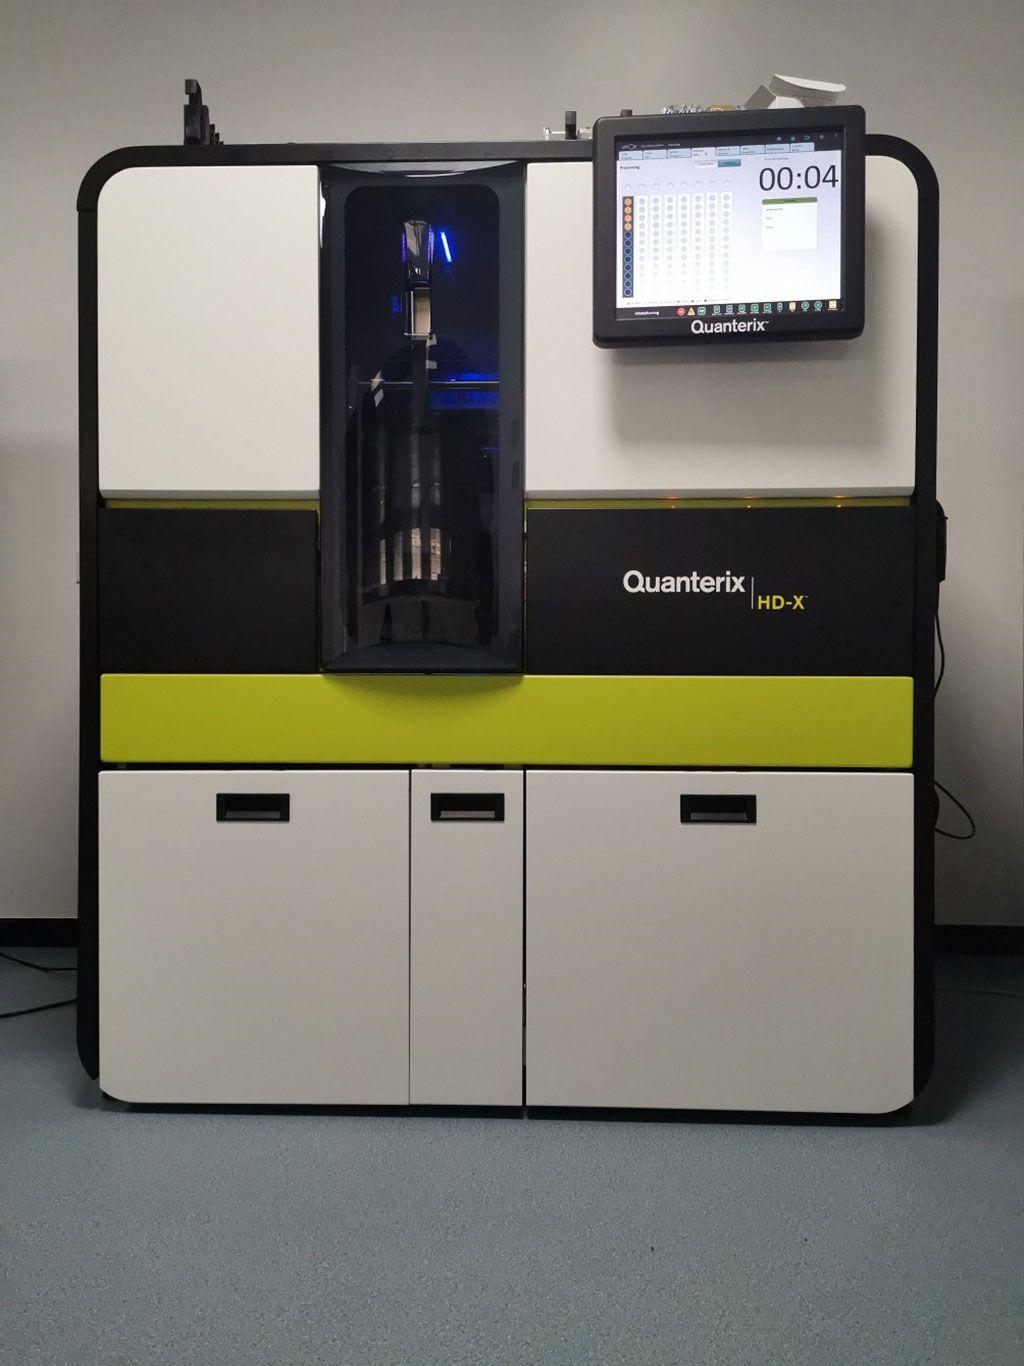 Imagen: La plataforma de inmunoensayo totalmente automatizada, Simoa HD-X, con multiplexación y capacidad de ensayo personalizado (Fotografía cortesía de Quanterix Corporation).